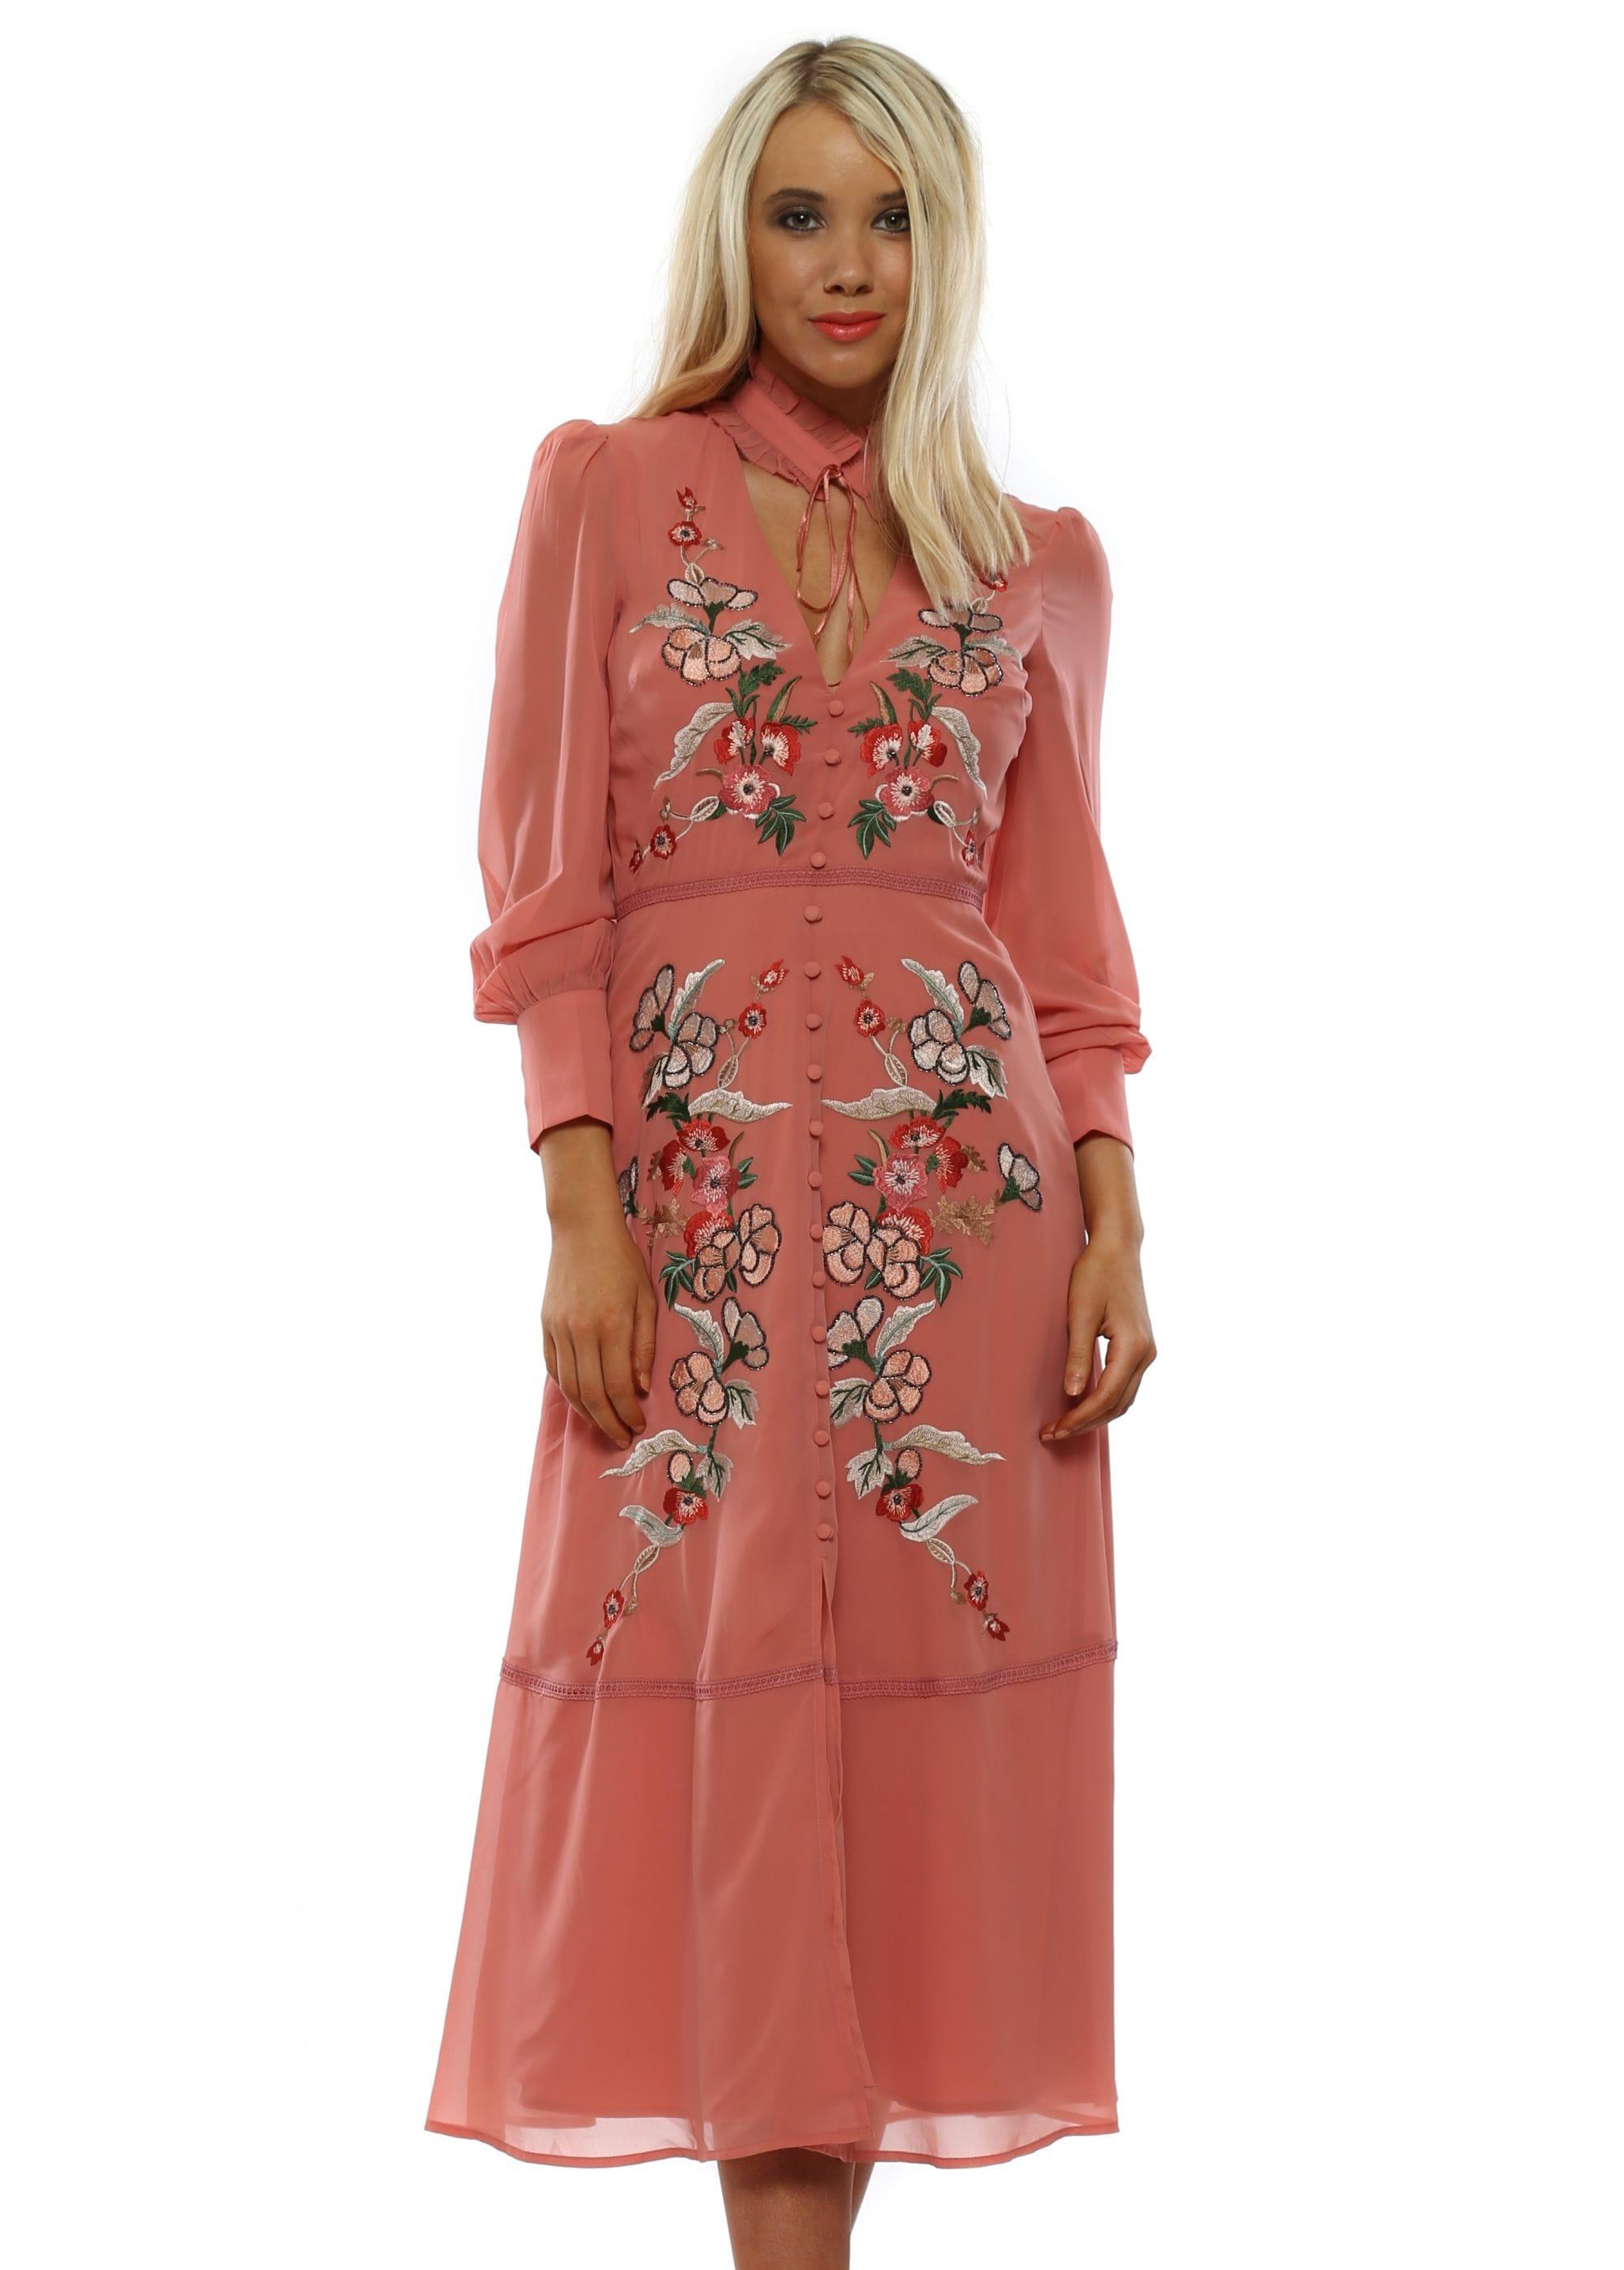 9dea4a53d2be Hope & Ivy Dress   Coral Floral Skater Dress   Designer Desirables